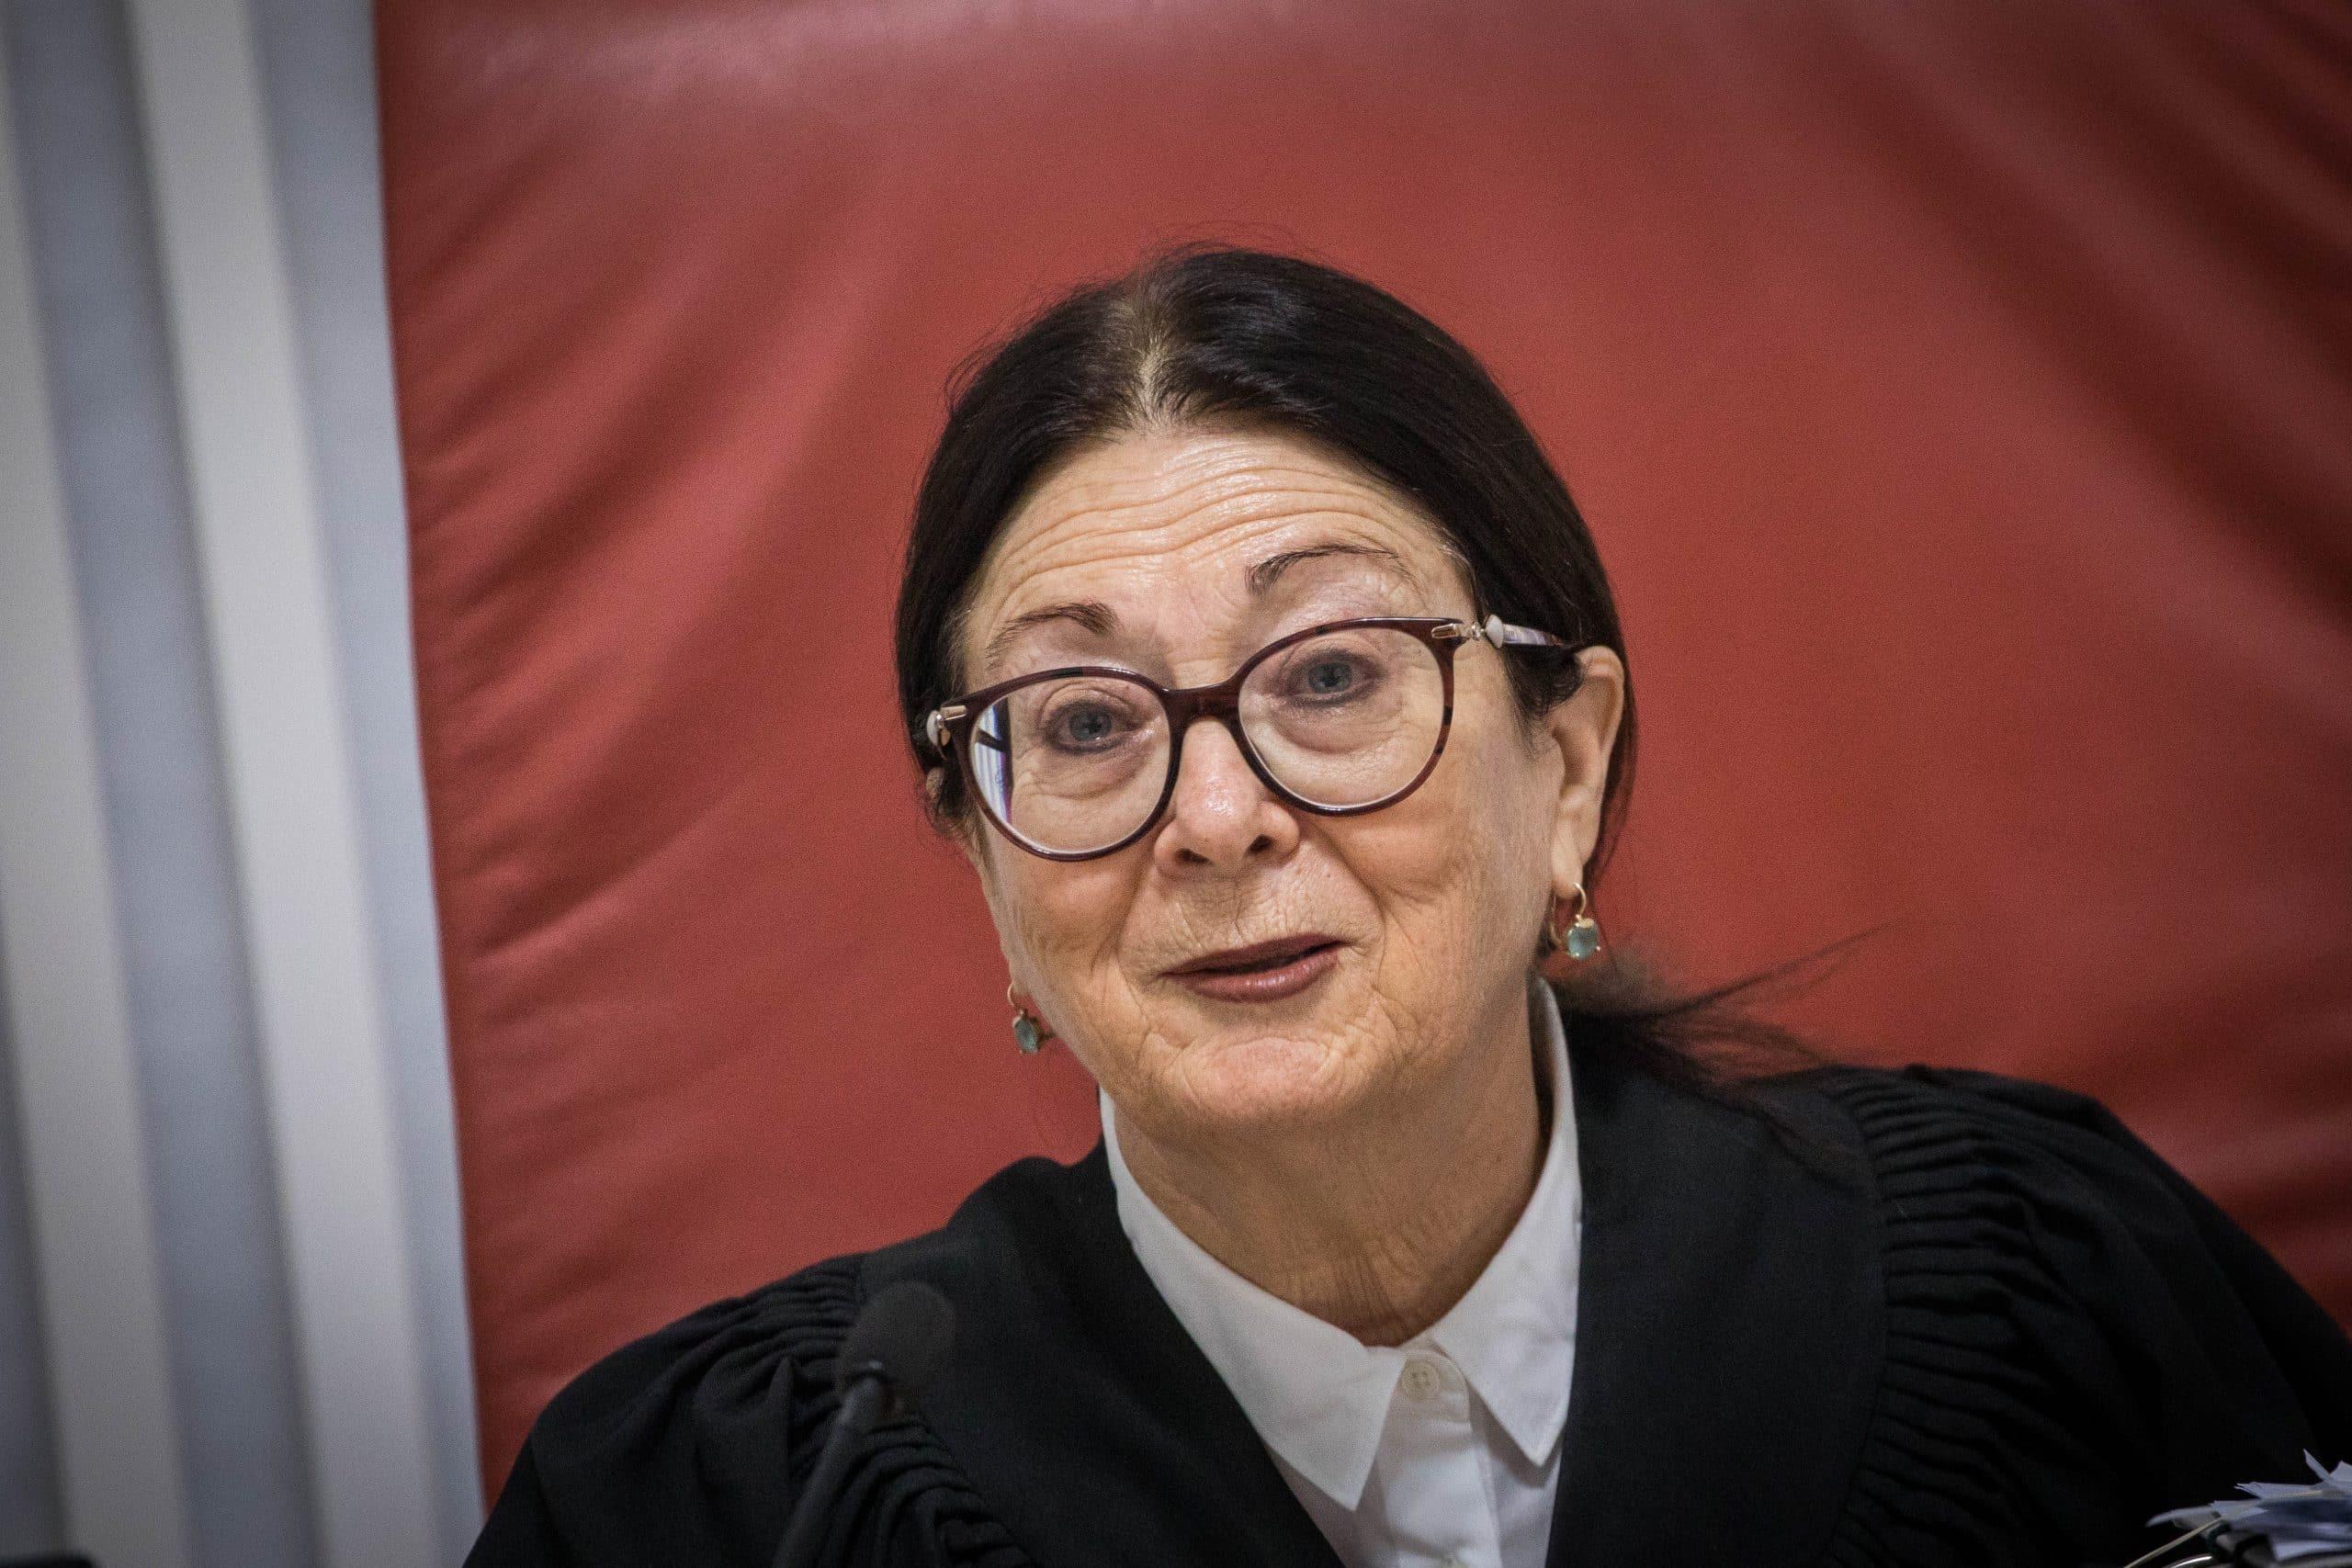 """בית המשפט העליון קיבל את ערעורו של עו""""ד שקלאר ושינה הלכה שנקבעה על ידי השופט גרוניס"""